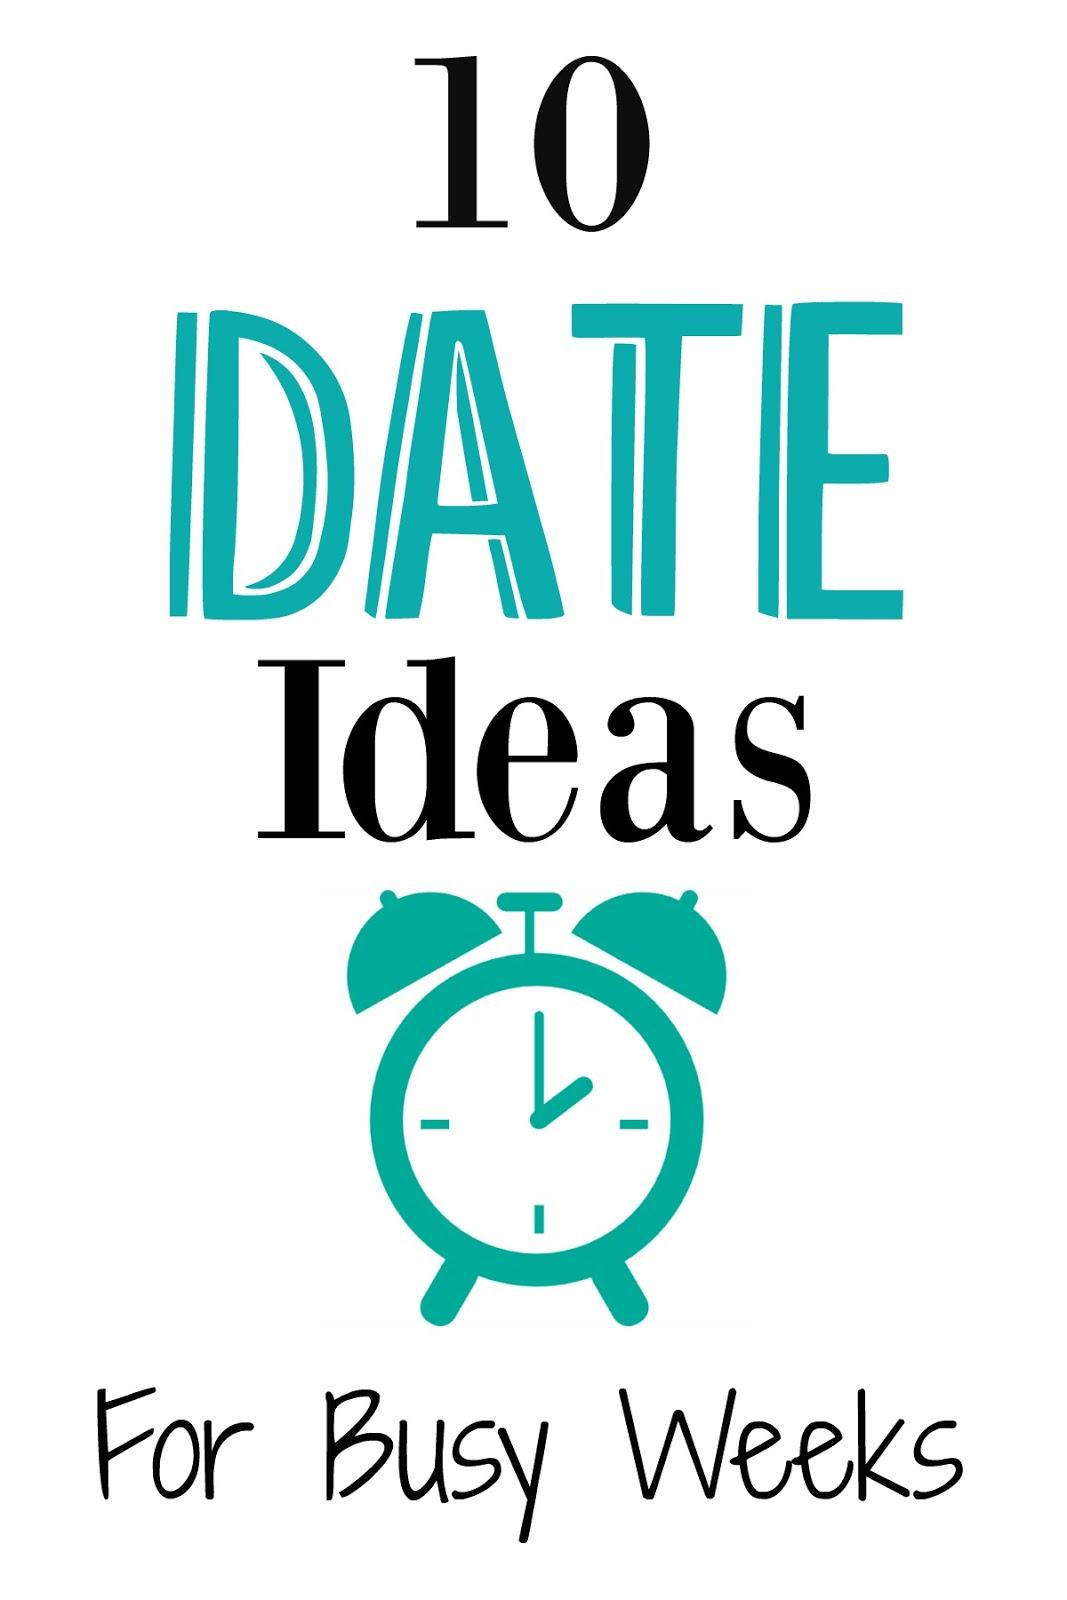 joc-nude-dating-divas-july-love-calendar-leerhsen